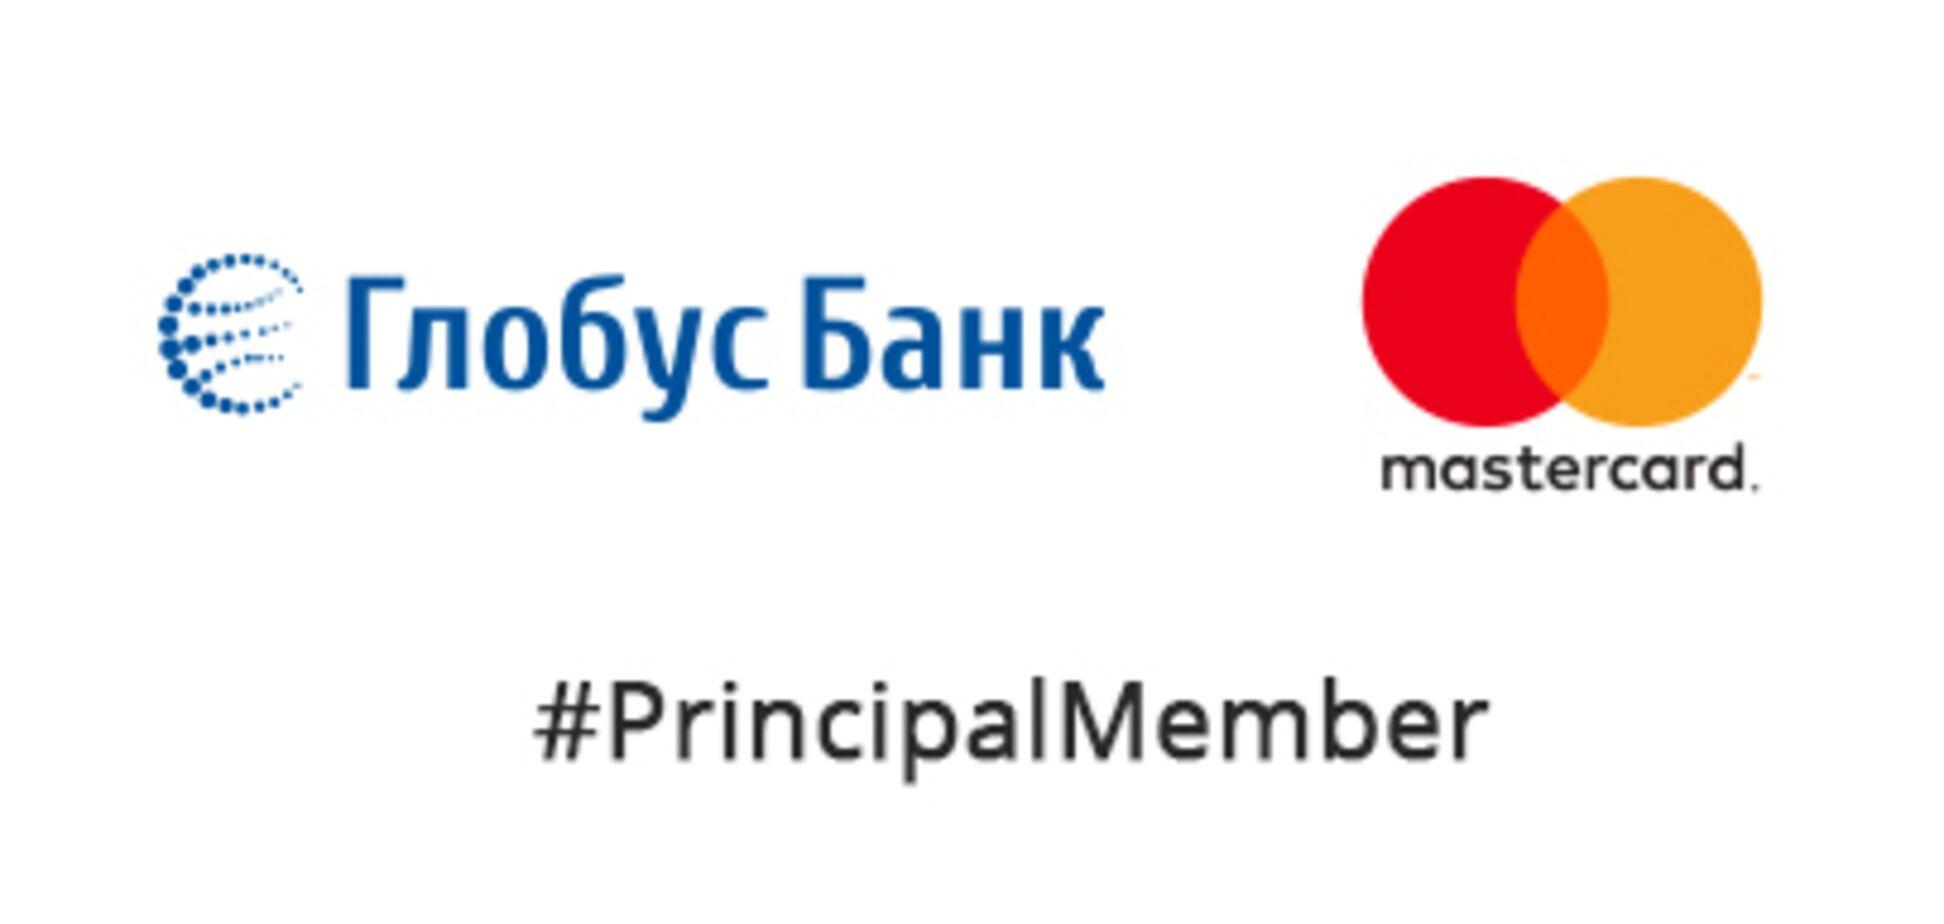 У Mastercard з'явився новий принциповий учасник в Україні